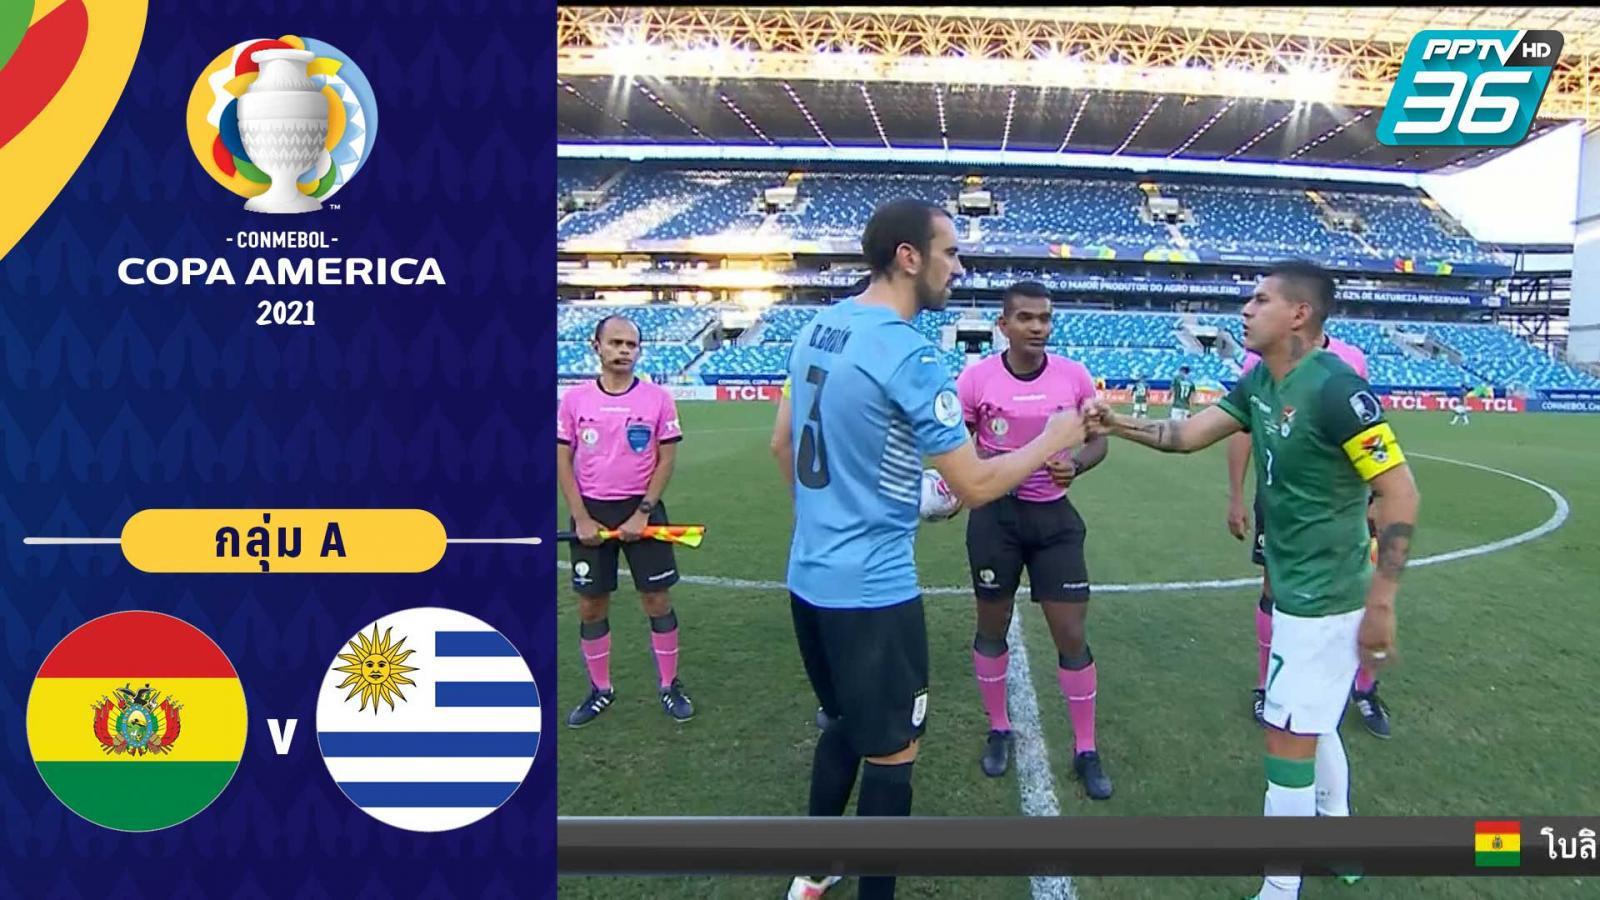 Full Match โคปา อเมริกา 2021   โบลิเวีย 0-2 อุรุกวัย   25 มิ.ย. 64